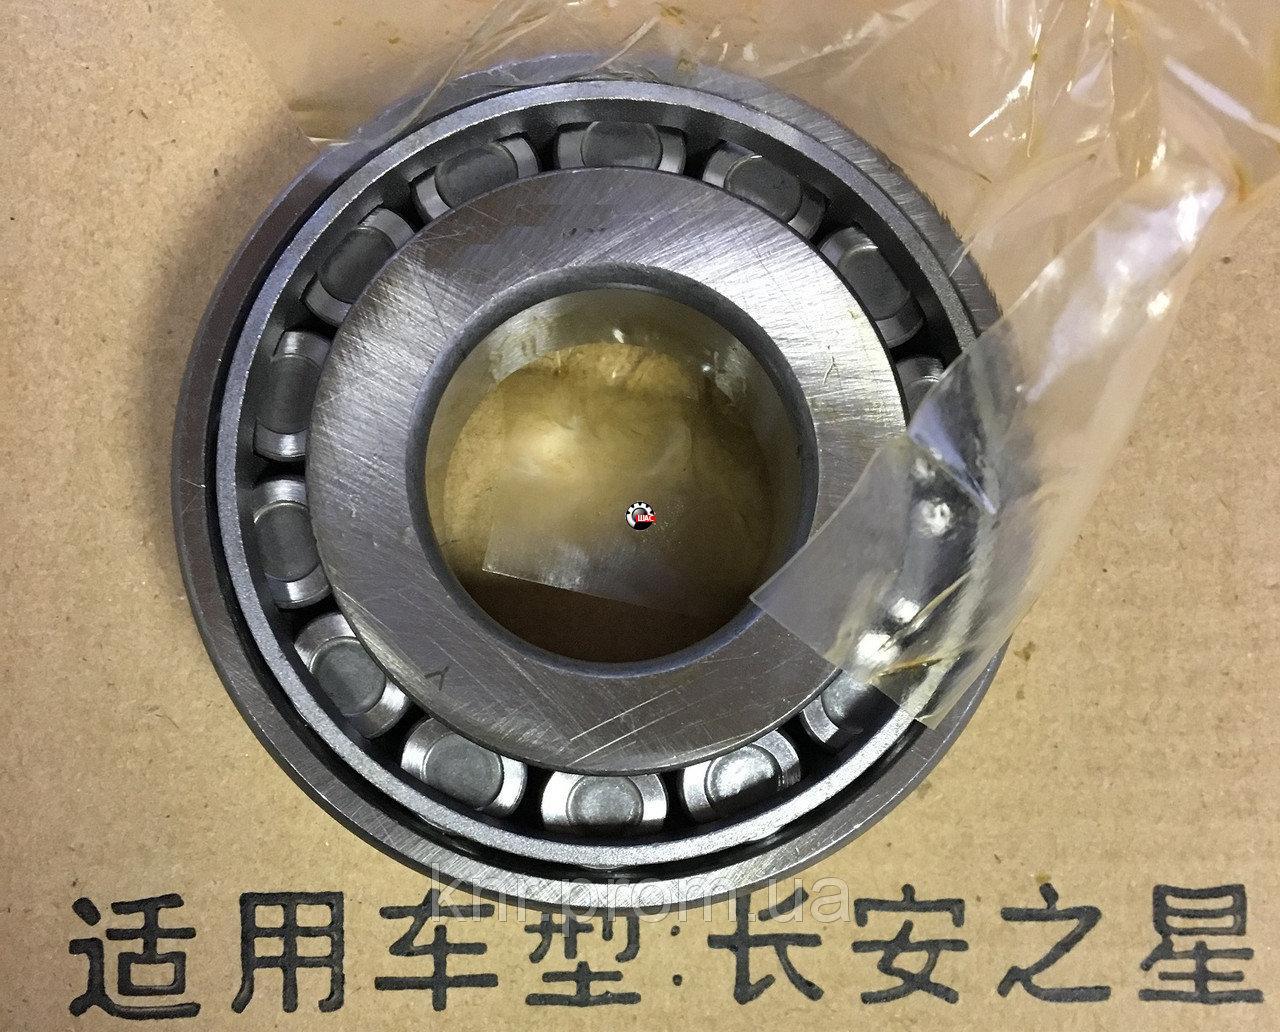 Dong-Feng DF25 (Донг Фенг) 1032/Богдан 25 Подшипник ступицы передней наружный